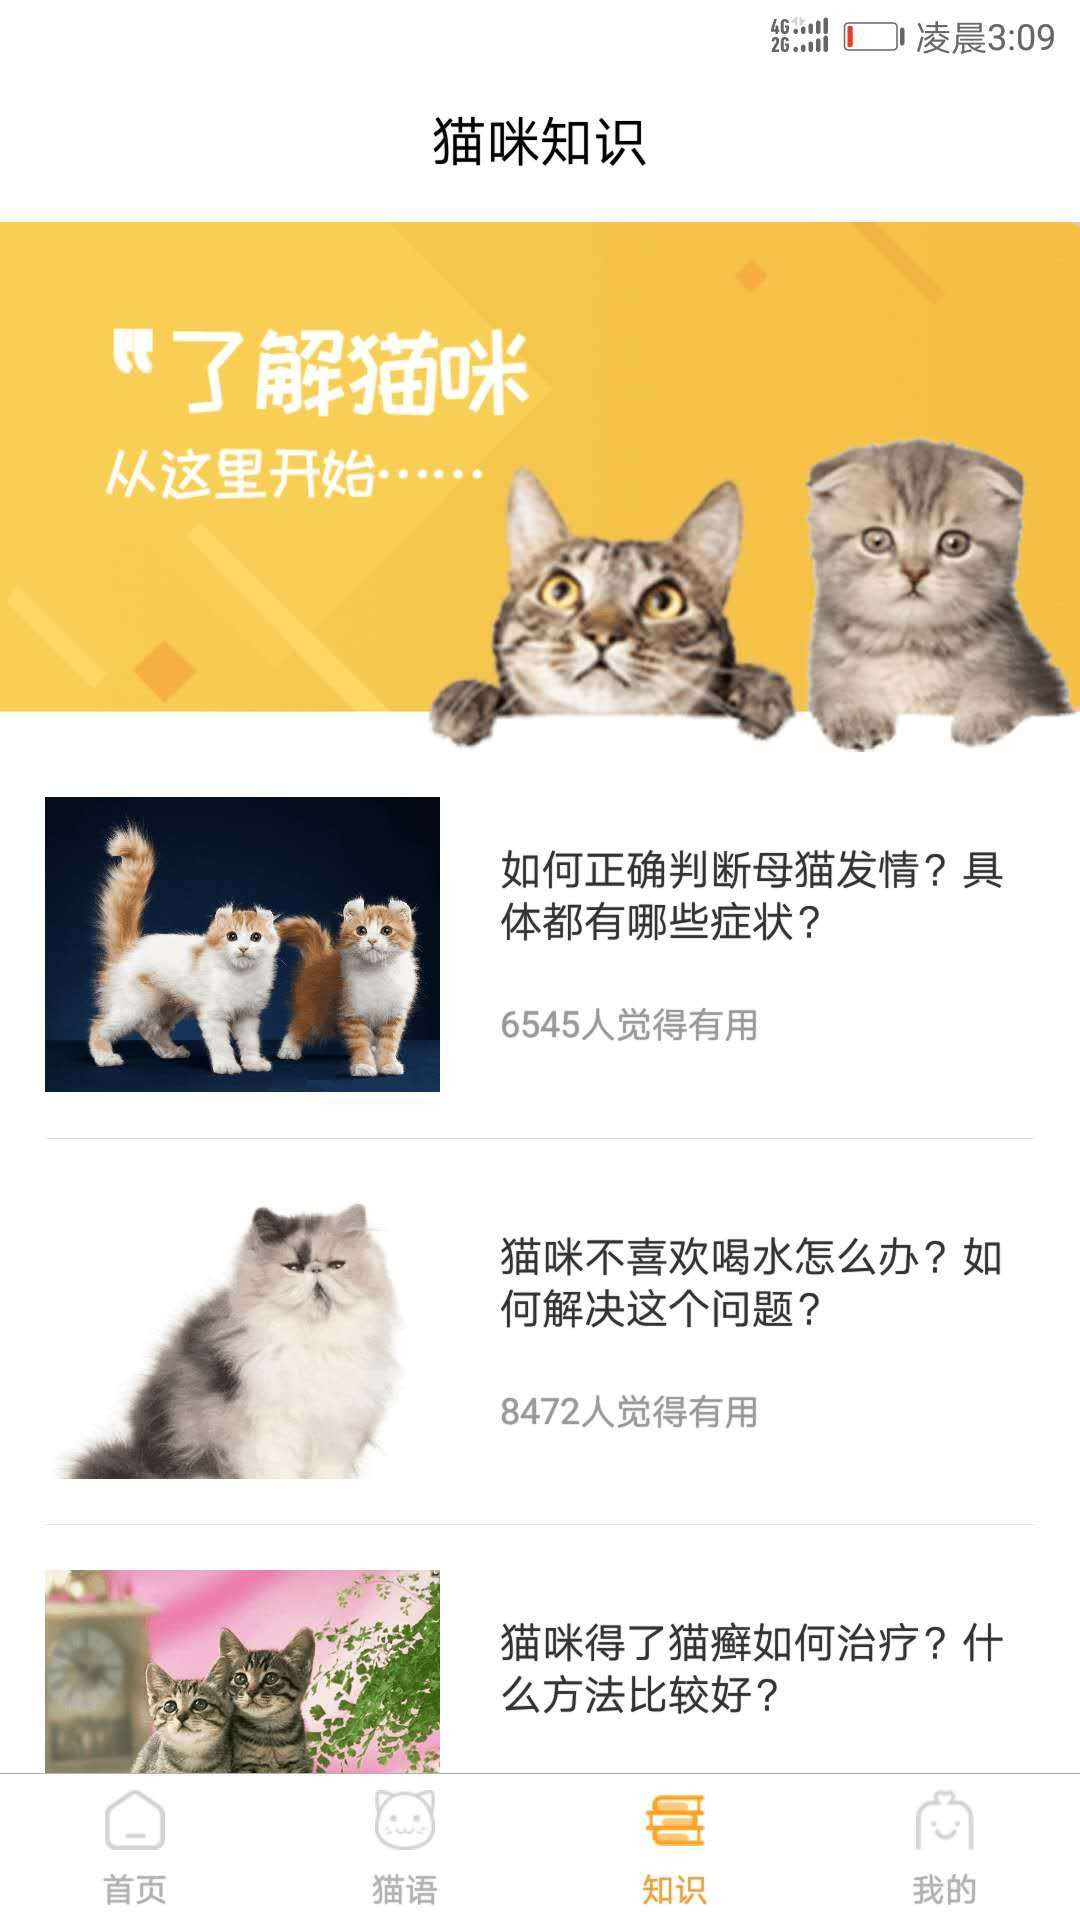 猫语翻译器截图(4)